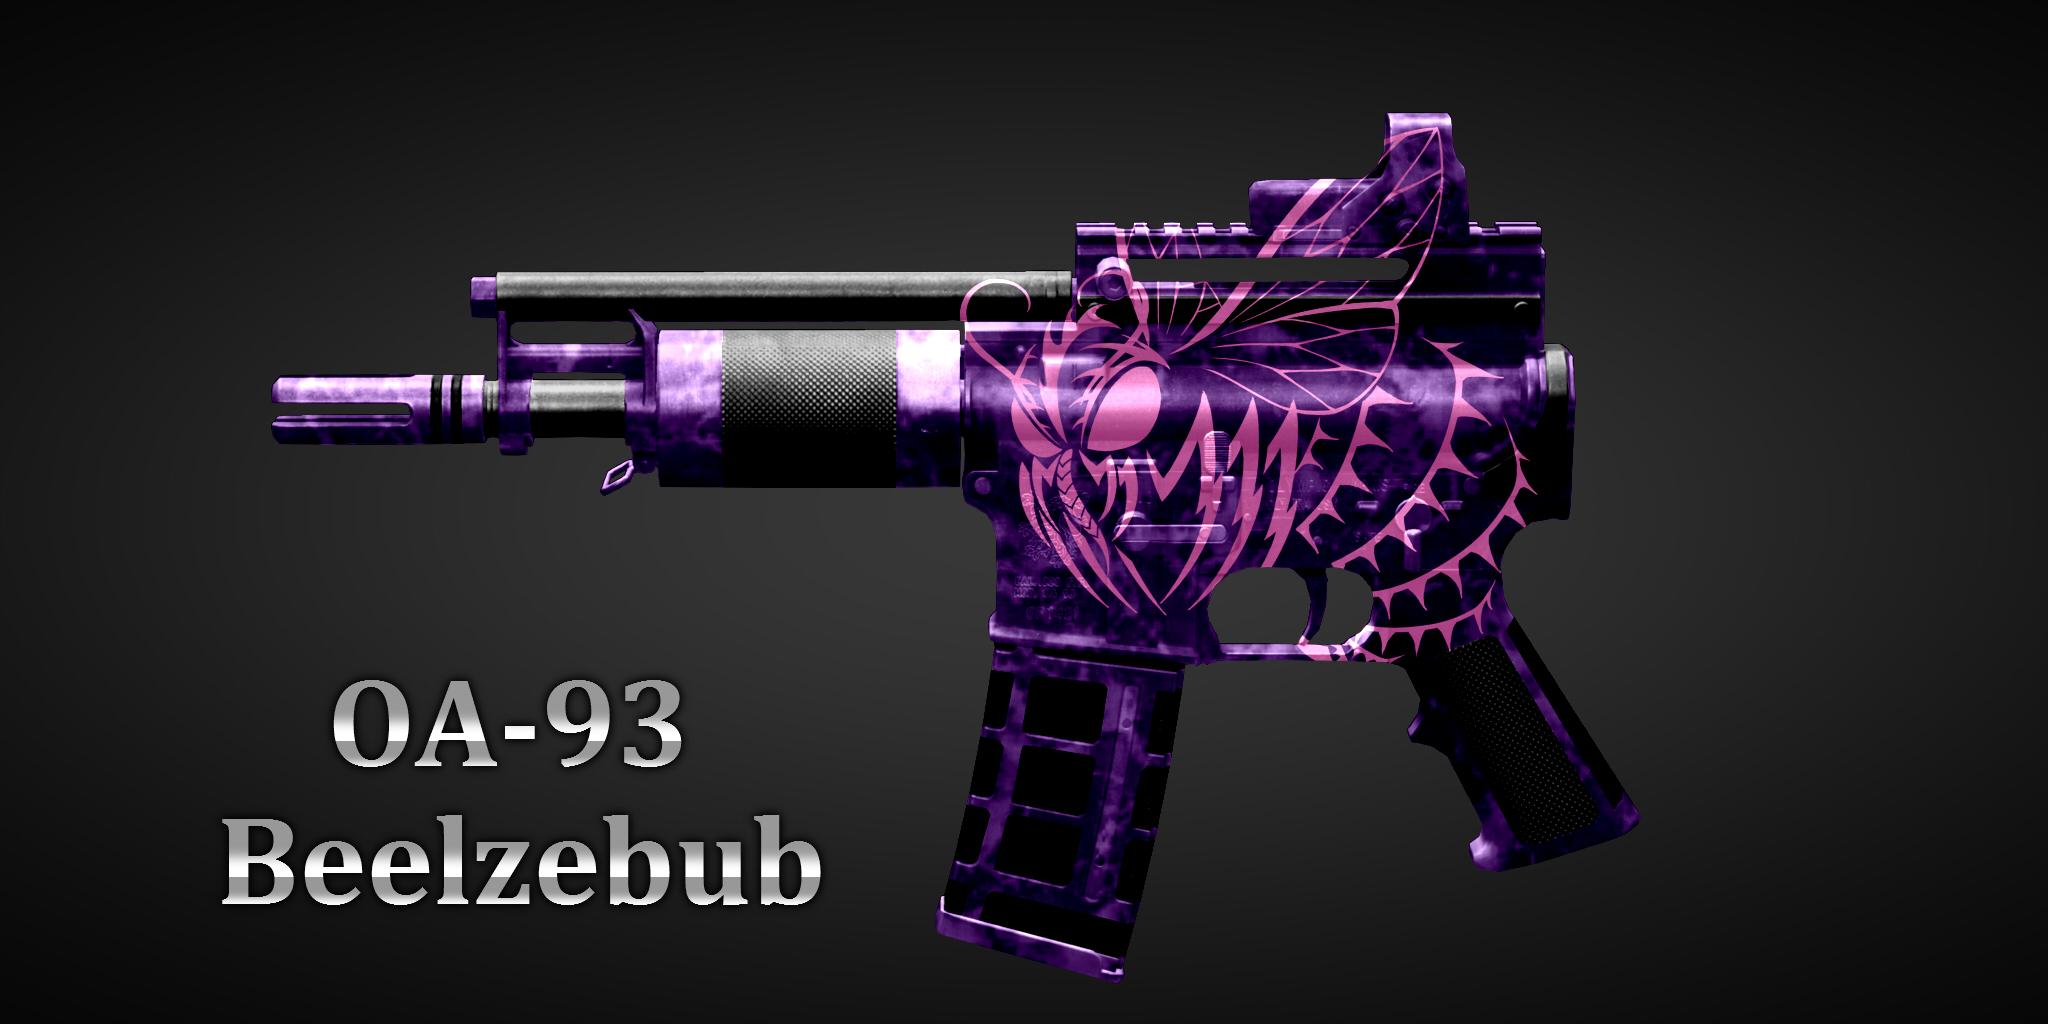 OA-93 Beelzebub